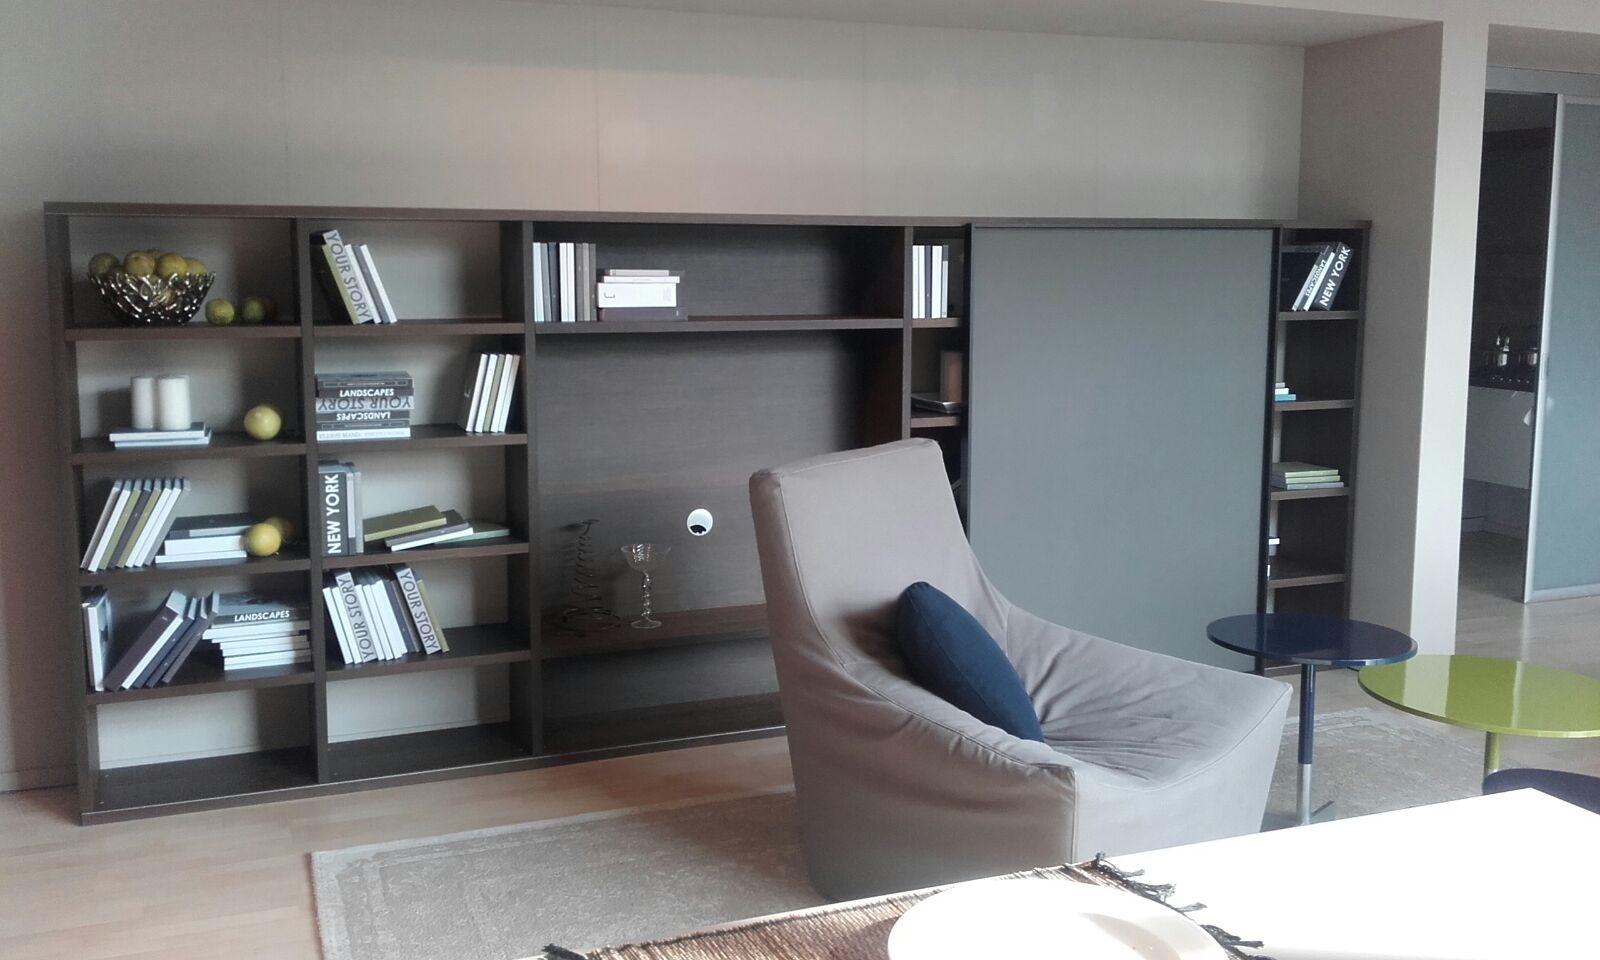 Soggiorno jesse parete libreria con vano tv soggiorni a prezzi scontati - Jesse mobili prezzi ...